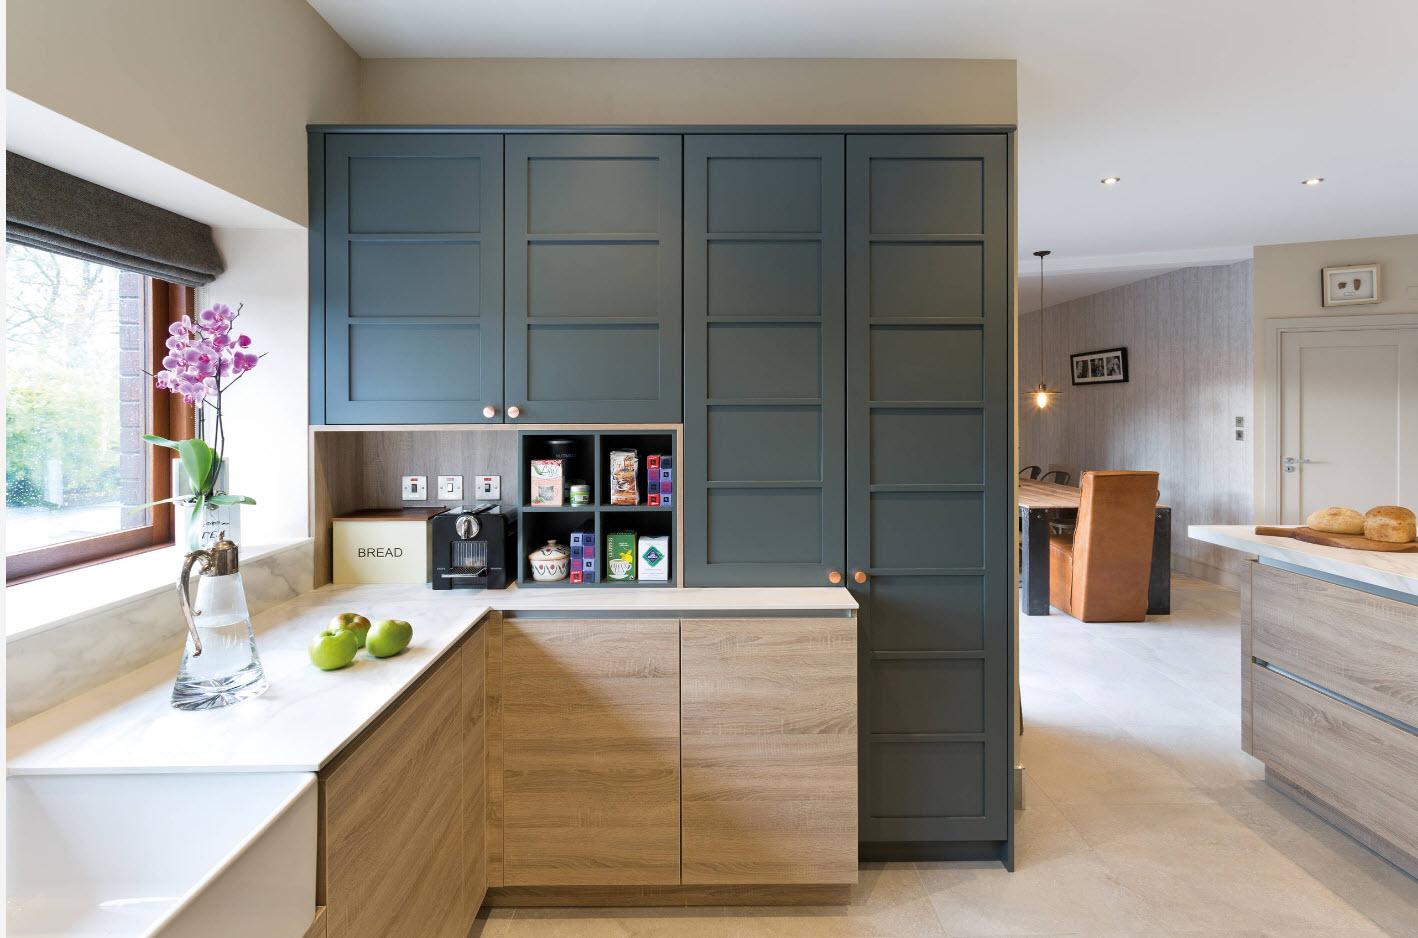 Dark plasticine furniture surfaces and laminated bottom tier storage in the modern styled kitchen